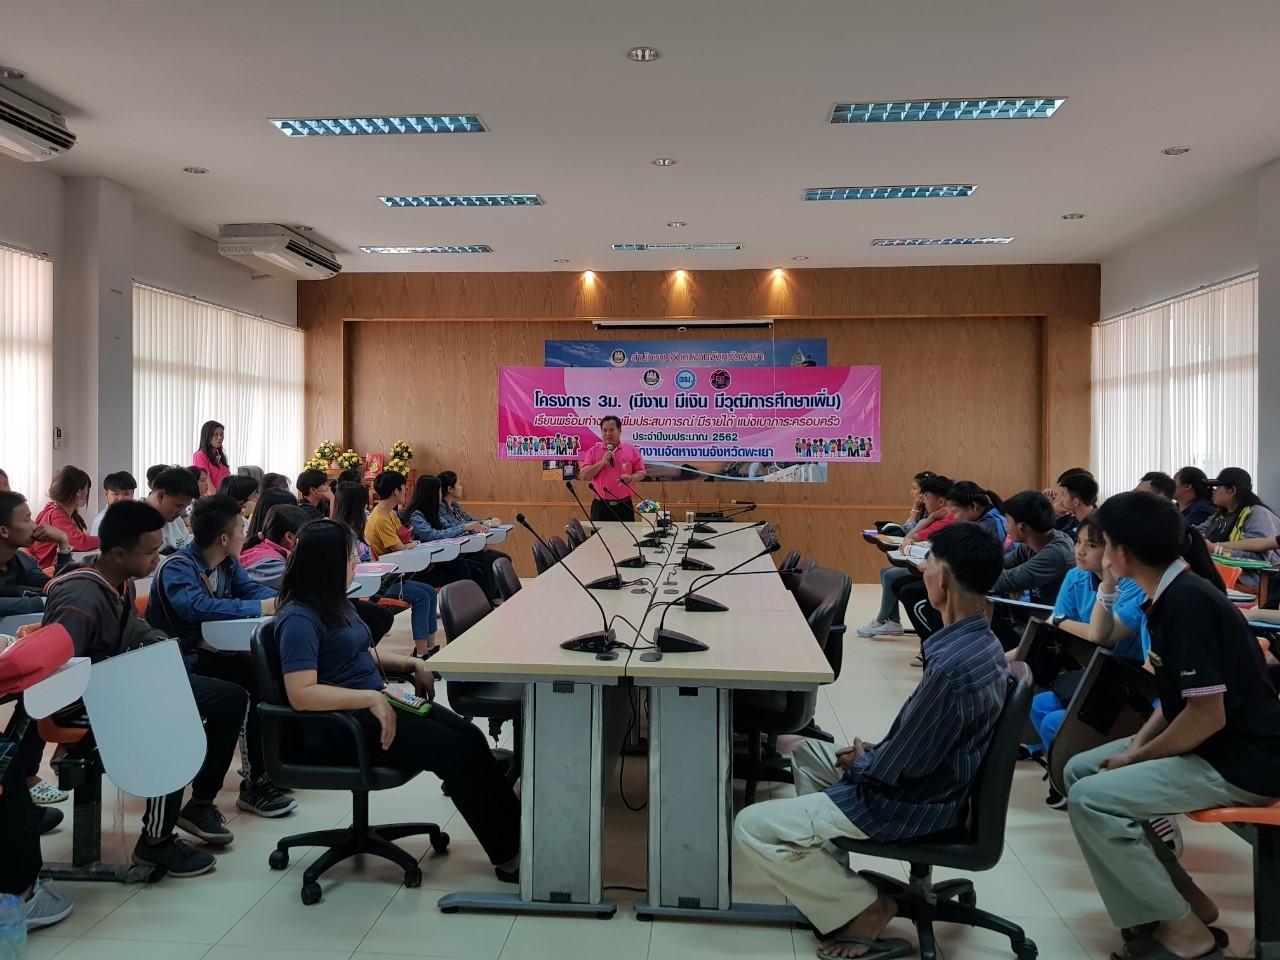 ประชุมชี้แจงแก่นักเรียนผู้เข้าร่วมโครงการ 3ม.(มีงาน มีเงิน มีวุฒิการศึกษาเพิ่ม)